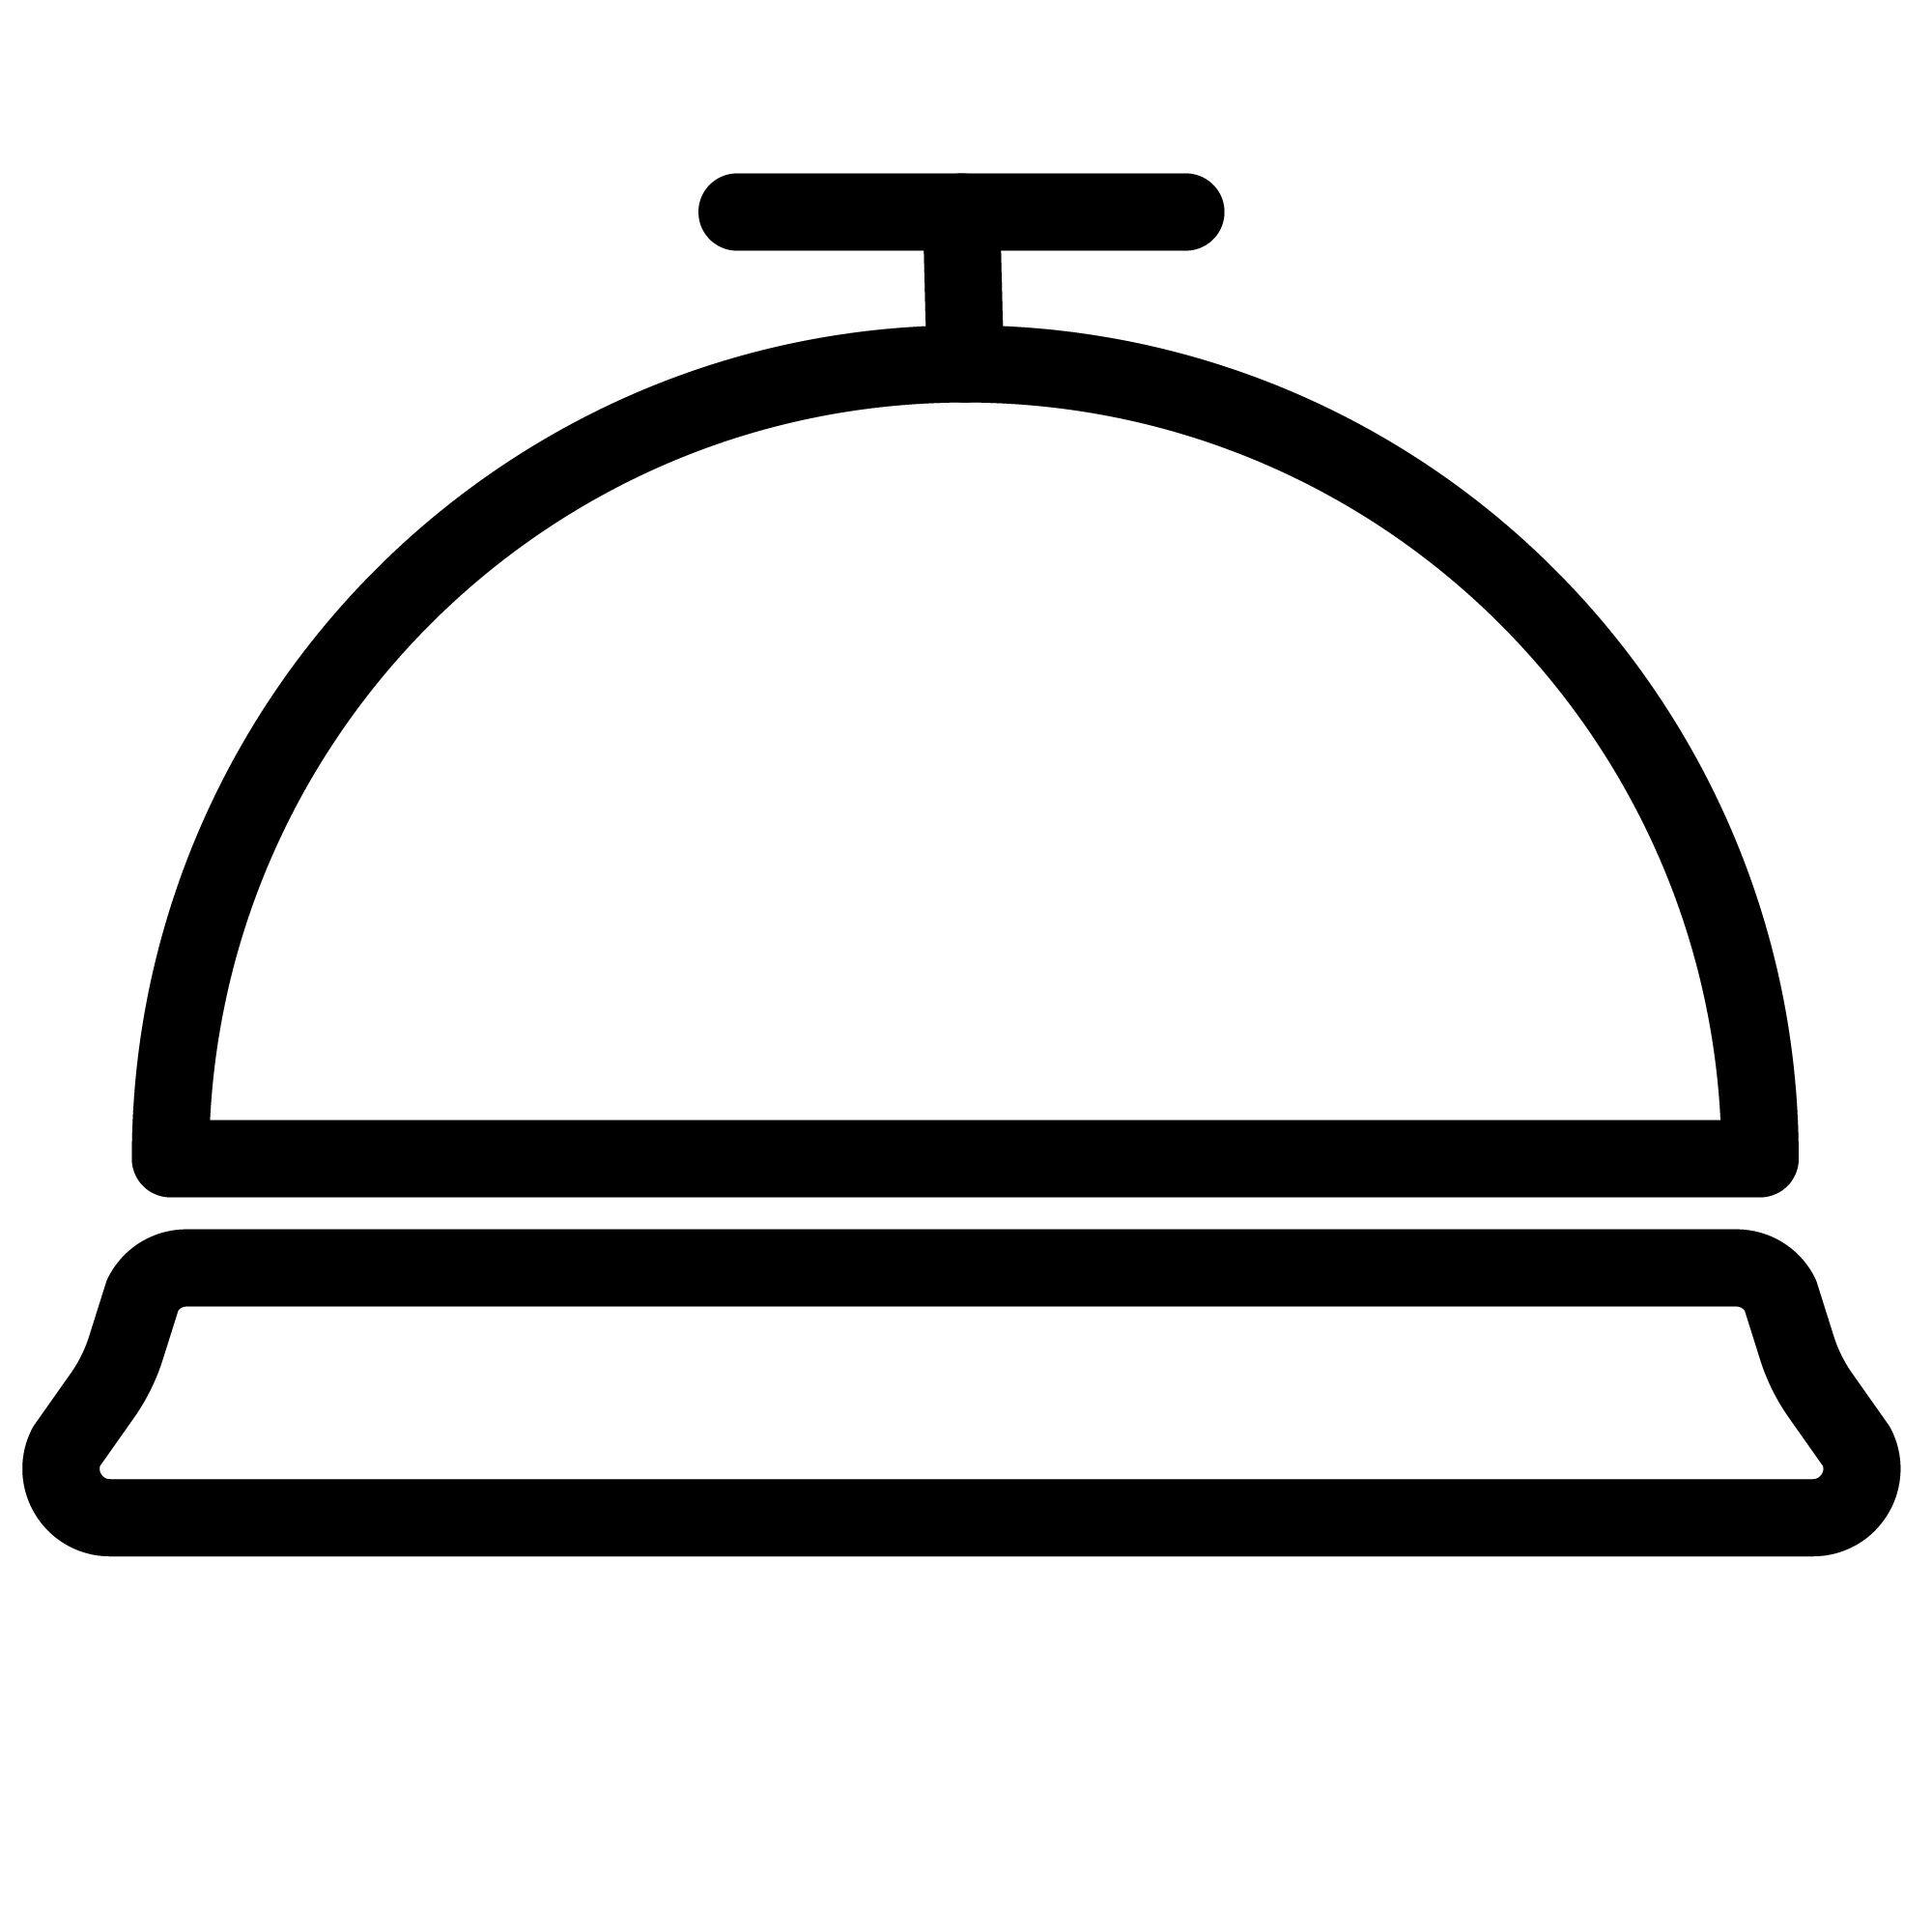 a concierge service icon